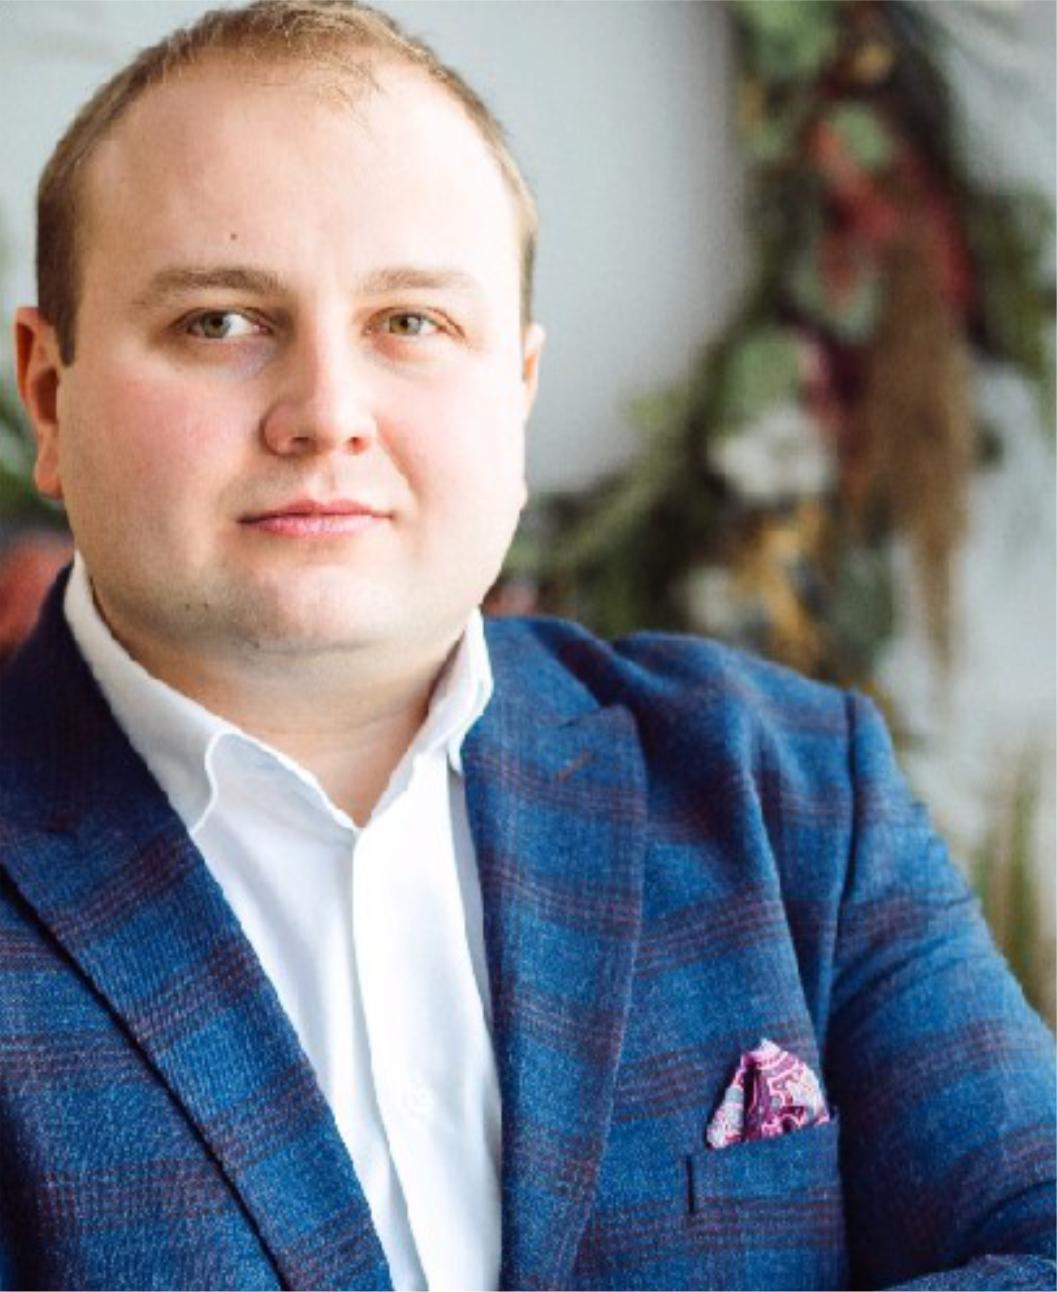 Mateusz Szymański